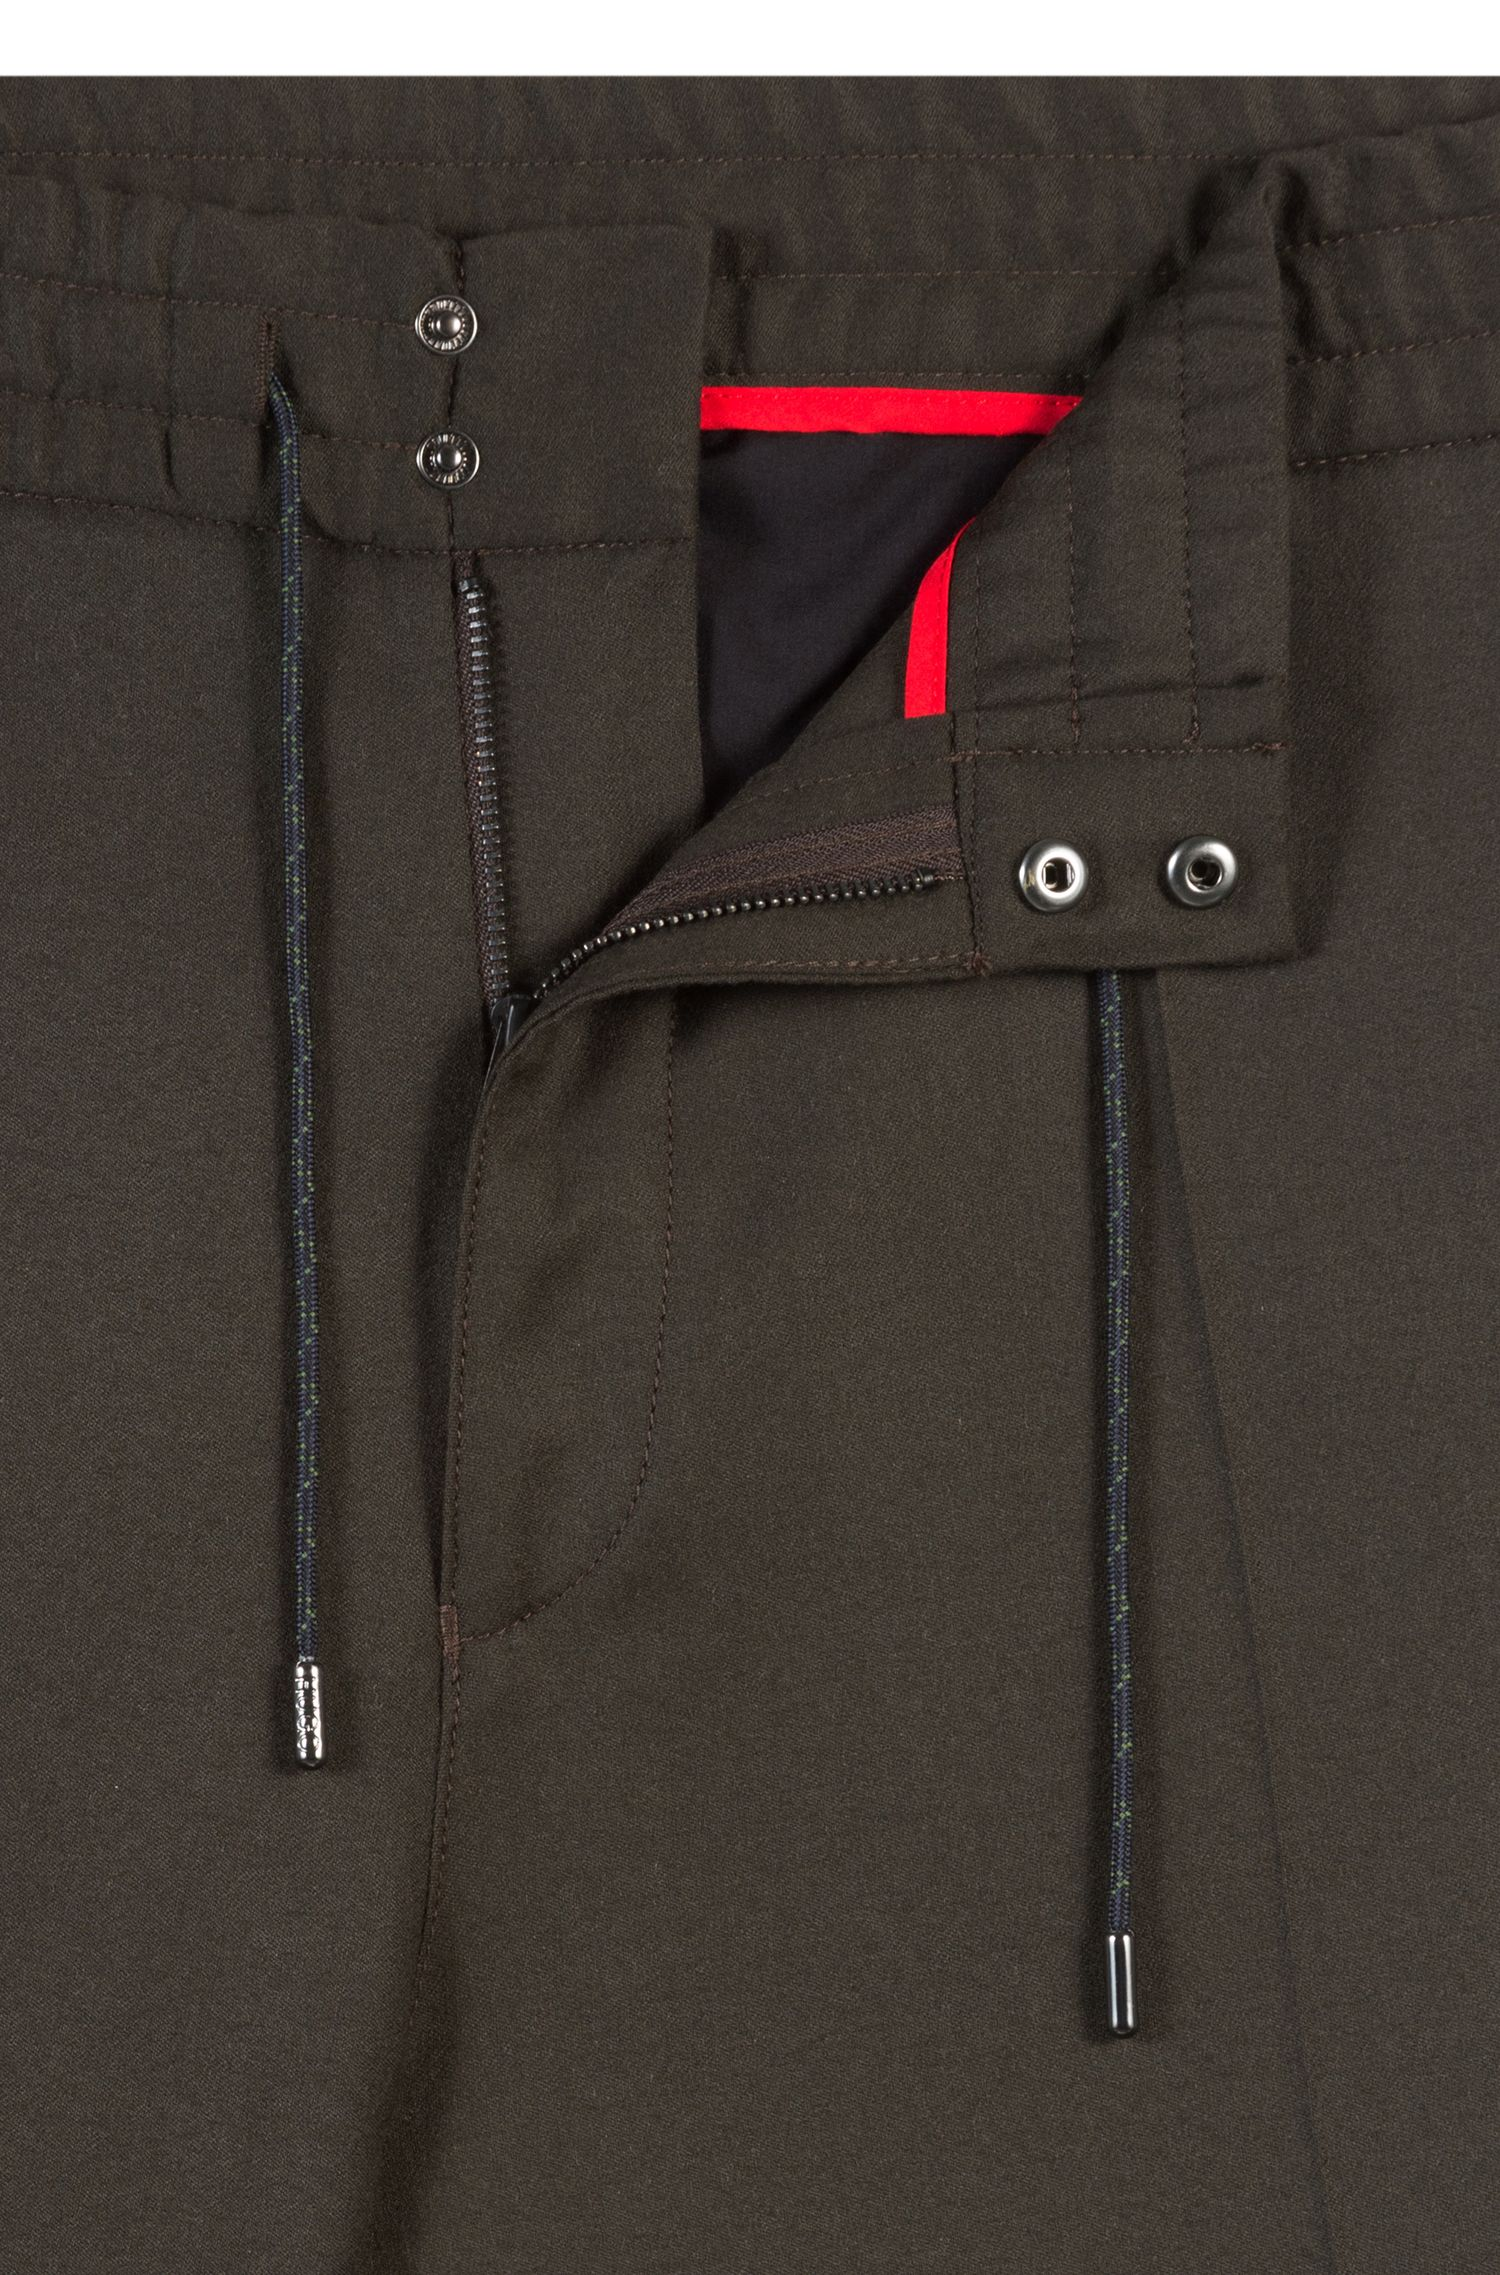 Tapered-fit broek met elastische taille, van scheerwol met stretch